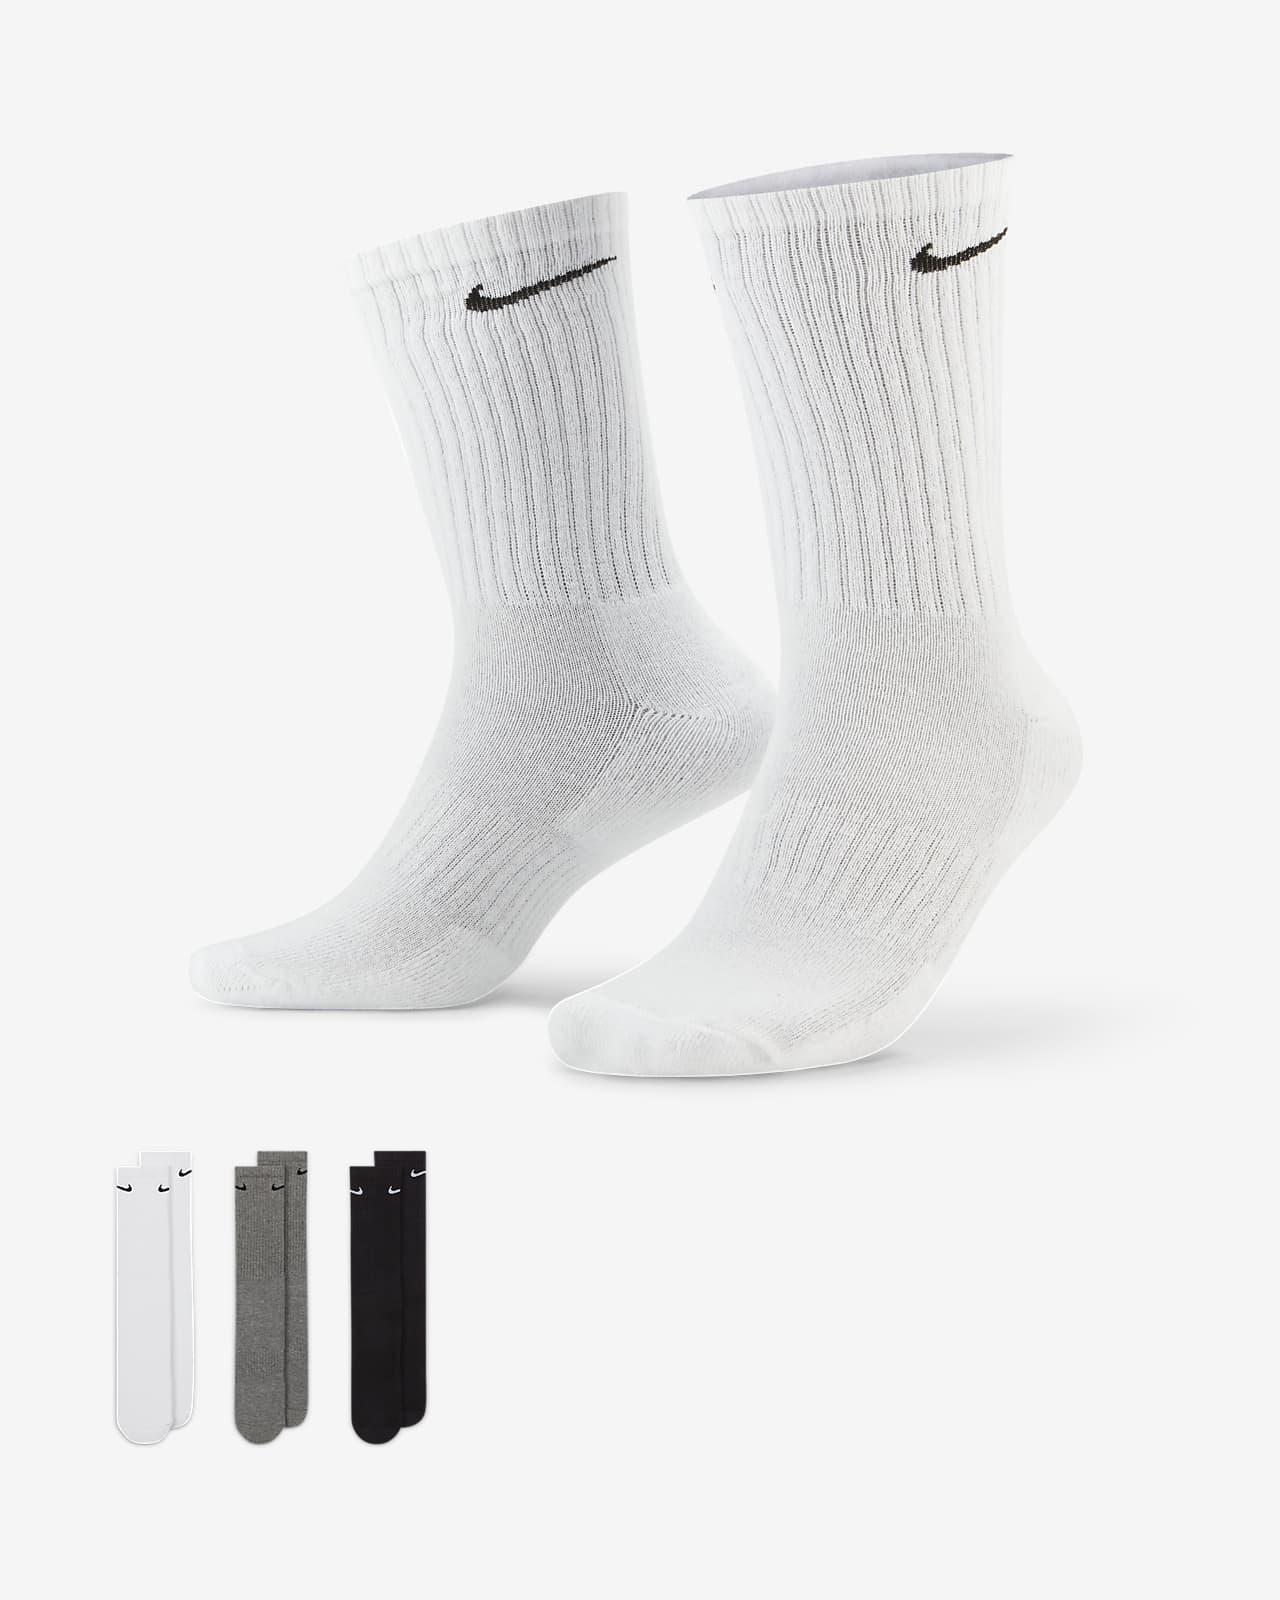 Calcetines deportivos de entrenamiento Nike Everyday Cushioned (3 pares)